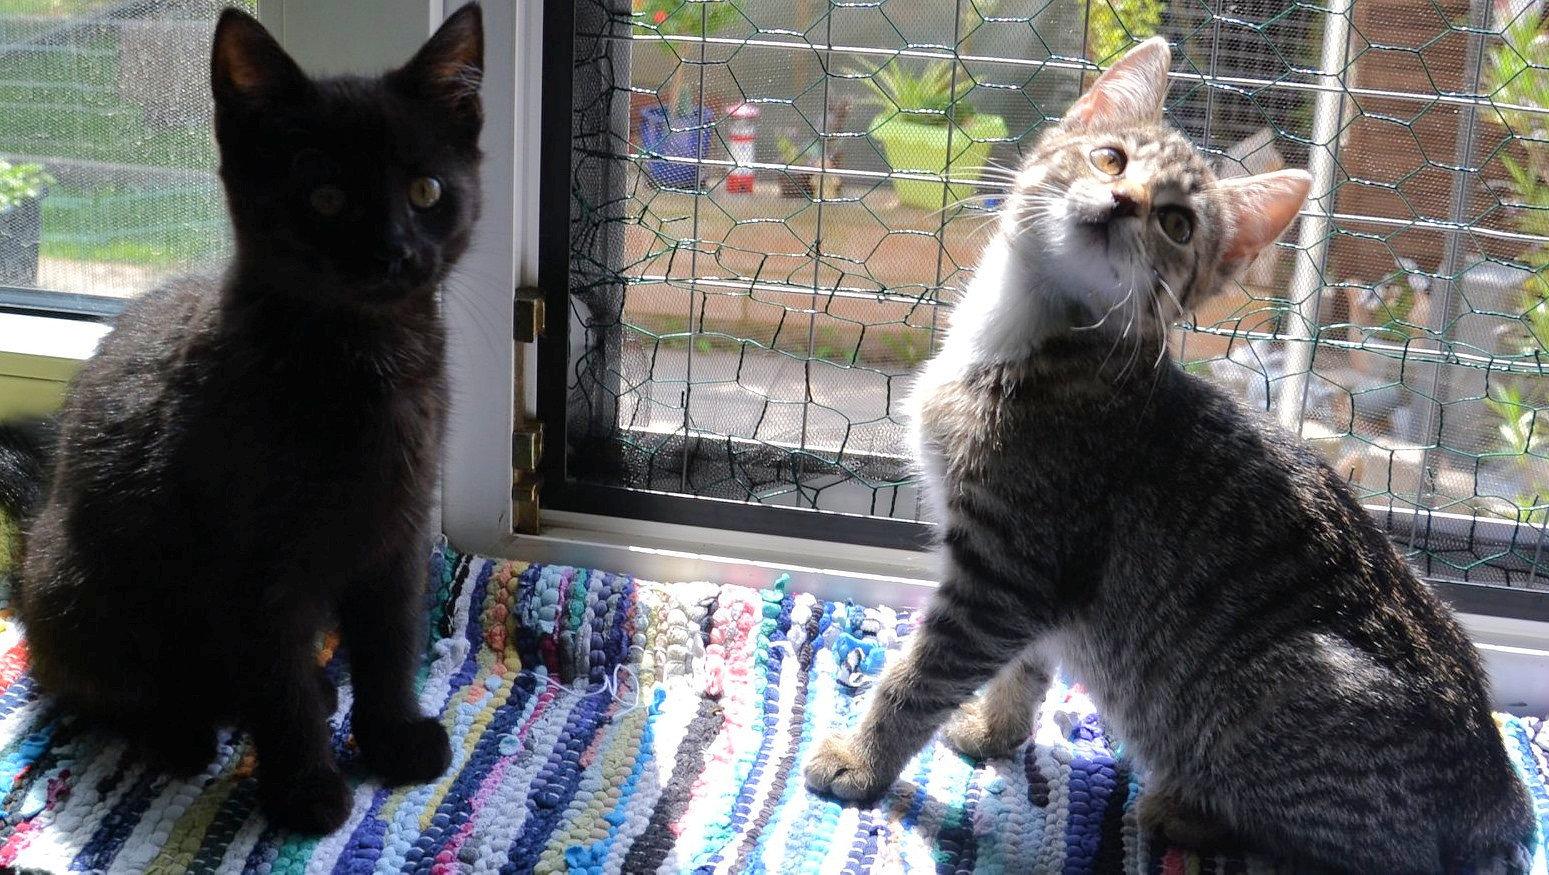 kleiner schwarzer Kater und getiegerte Katze auf einer Fensterbank